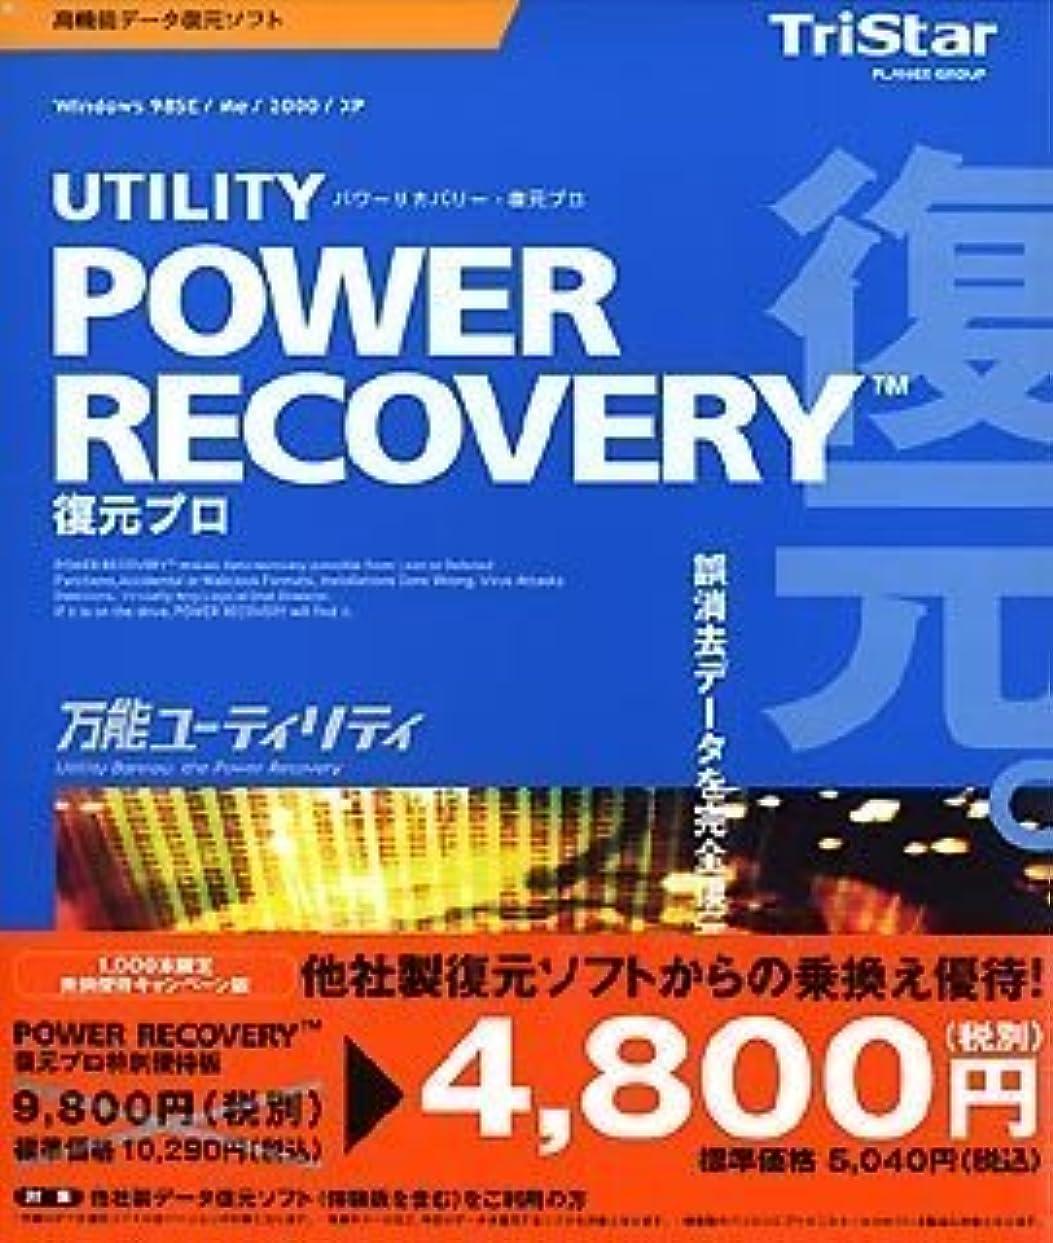 メニュー飢え知るPOWER RECOVERY 復元プロ 乗換キャンペーン版